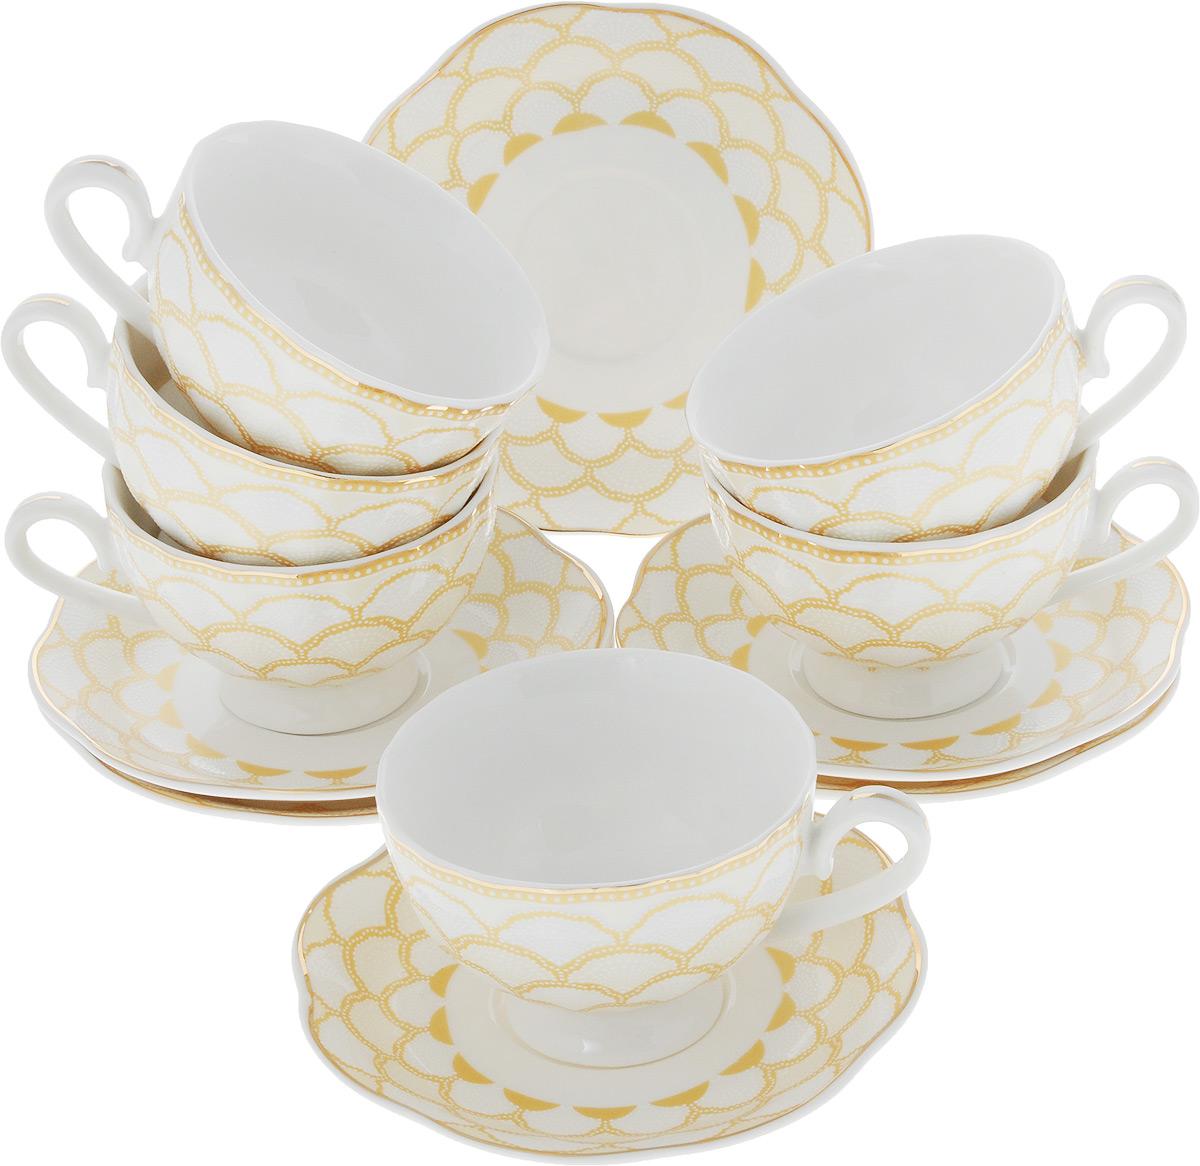 Кофейный сервиз Loraine, 110 мл, цвет: белый, золотой. 26440-1811259Кофейный сервиз Loraine на 6 персон выполнен из высококачественного костяного фарфора - материала, безопасного для здоровья и надолго сохраняющего тепло напитка. В наборе 6 чашек и 6 блюдец. Несмотря на свою внешнюю хрупкость, каждый из предметов набора обладает высокой прочностью и надежностью. Изделия украшены тонкой золотой каймой, внешние стенки дополнены красивым рельефным рисунком. Элегантный классический дизайн сделает этот набор изысканным украшением любого стола. Набор упакован в подарочную коробку, поэтому его можно преподнести в качестве оригинального и практичного подарка для родных и близких. Объем чашки: 110 мл. Диаметр чашки (по верхнему краю): 7,5 см. Высота чашки: 5 см. Диаметр блюдца: 11,5 см.